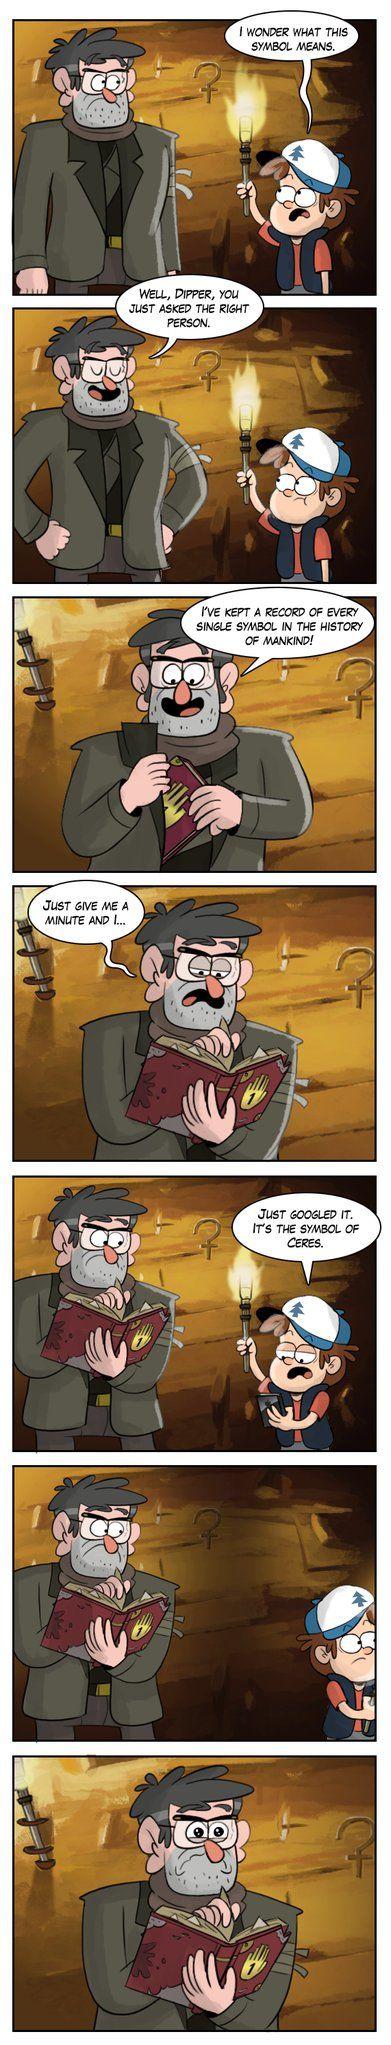 Symbol by markmak on DeviantArt>> Oh my gosh! Poor Stanley!